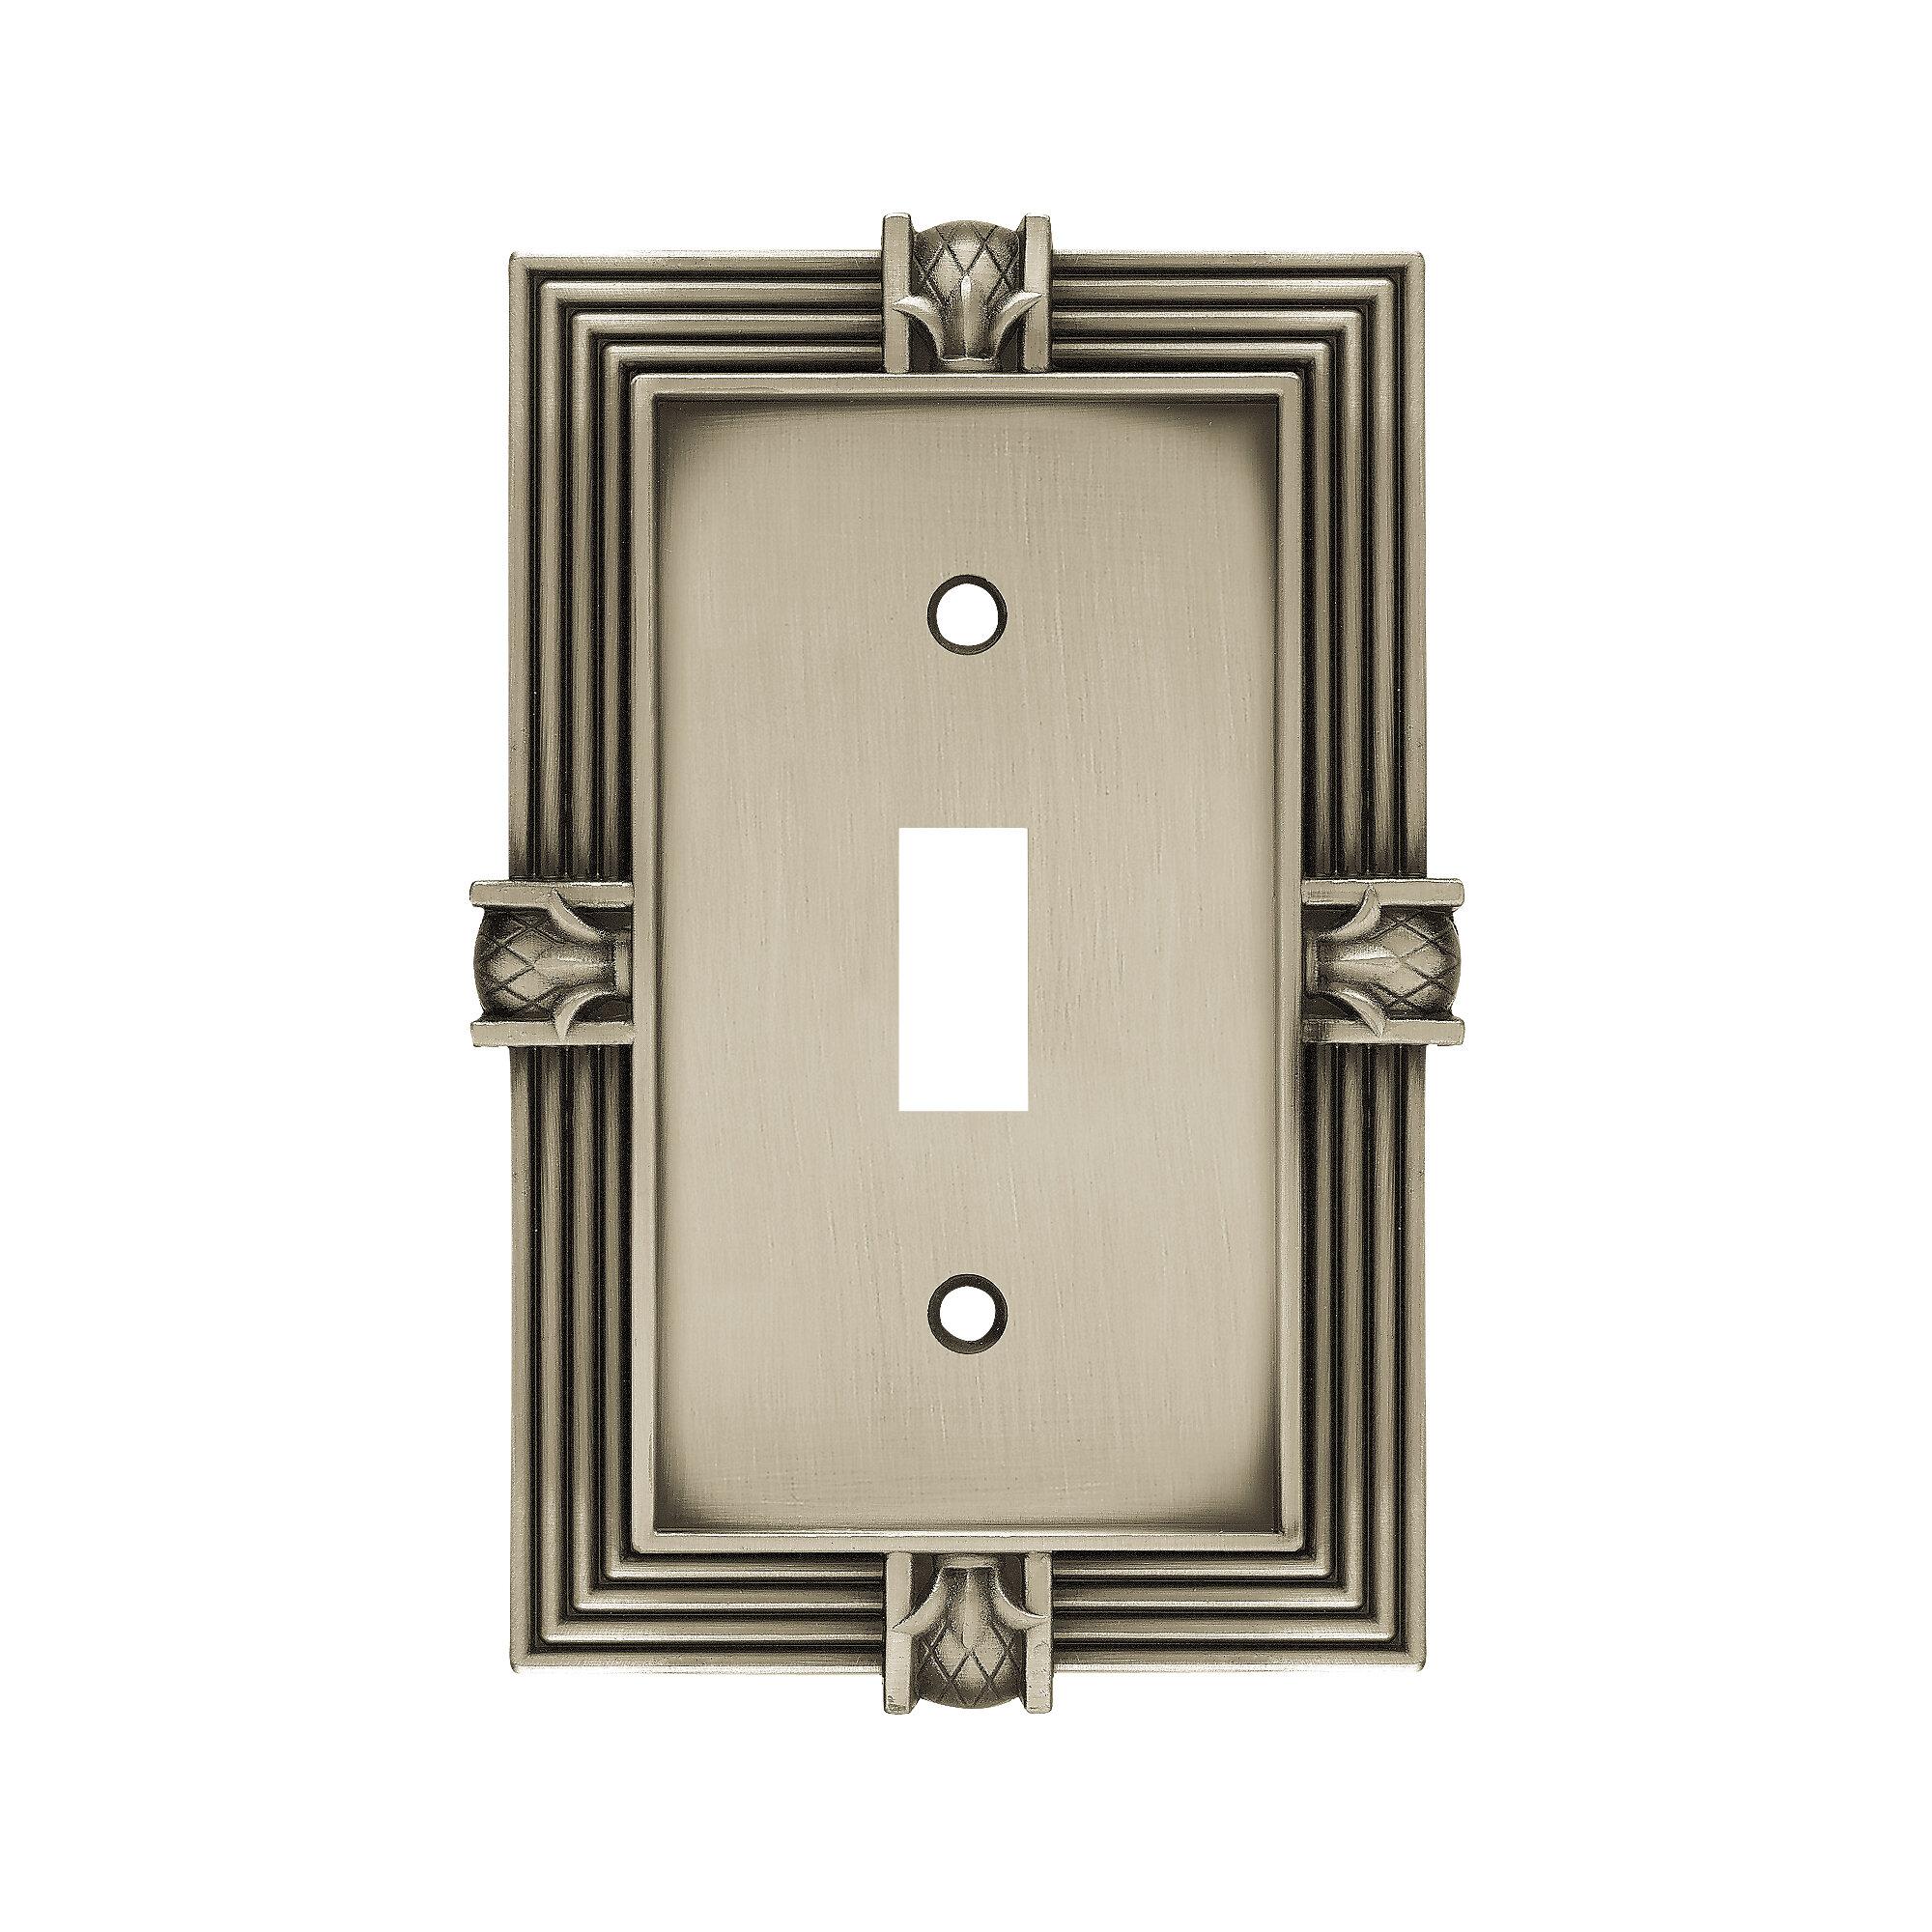 Pinele 1 Gang Toggle Light Switch Wall Plate